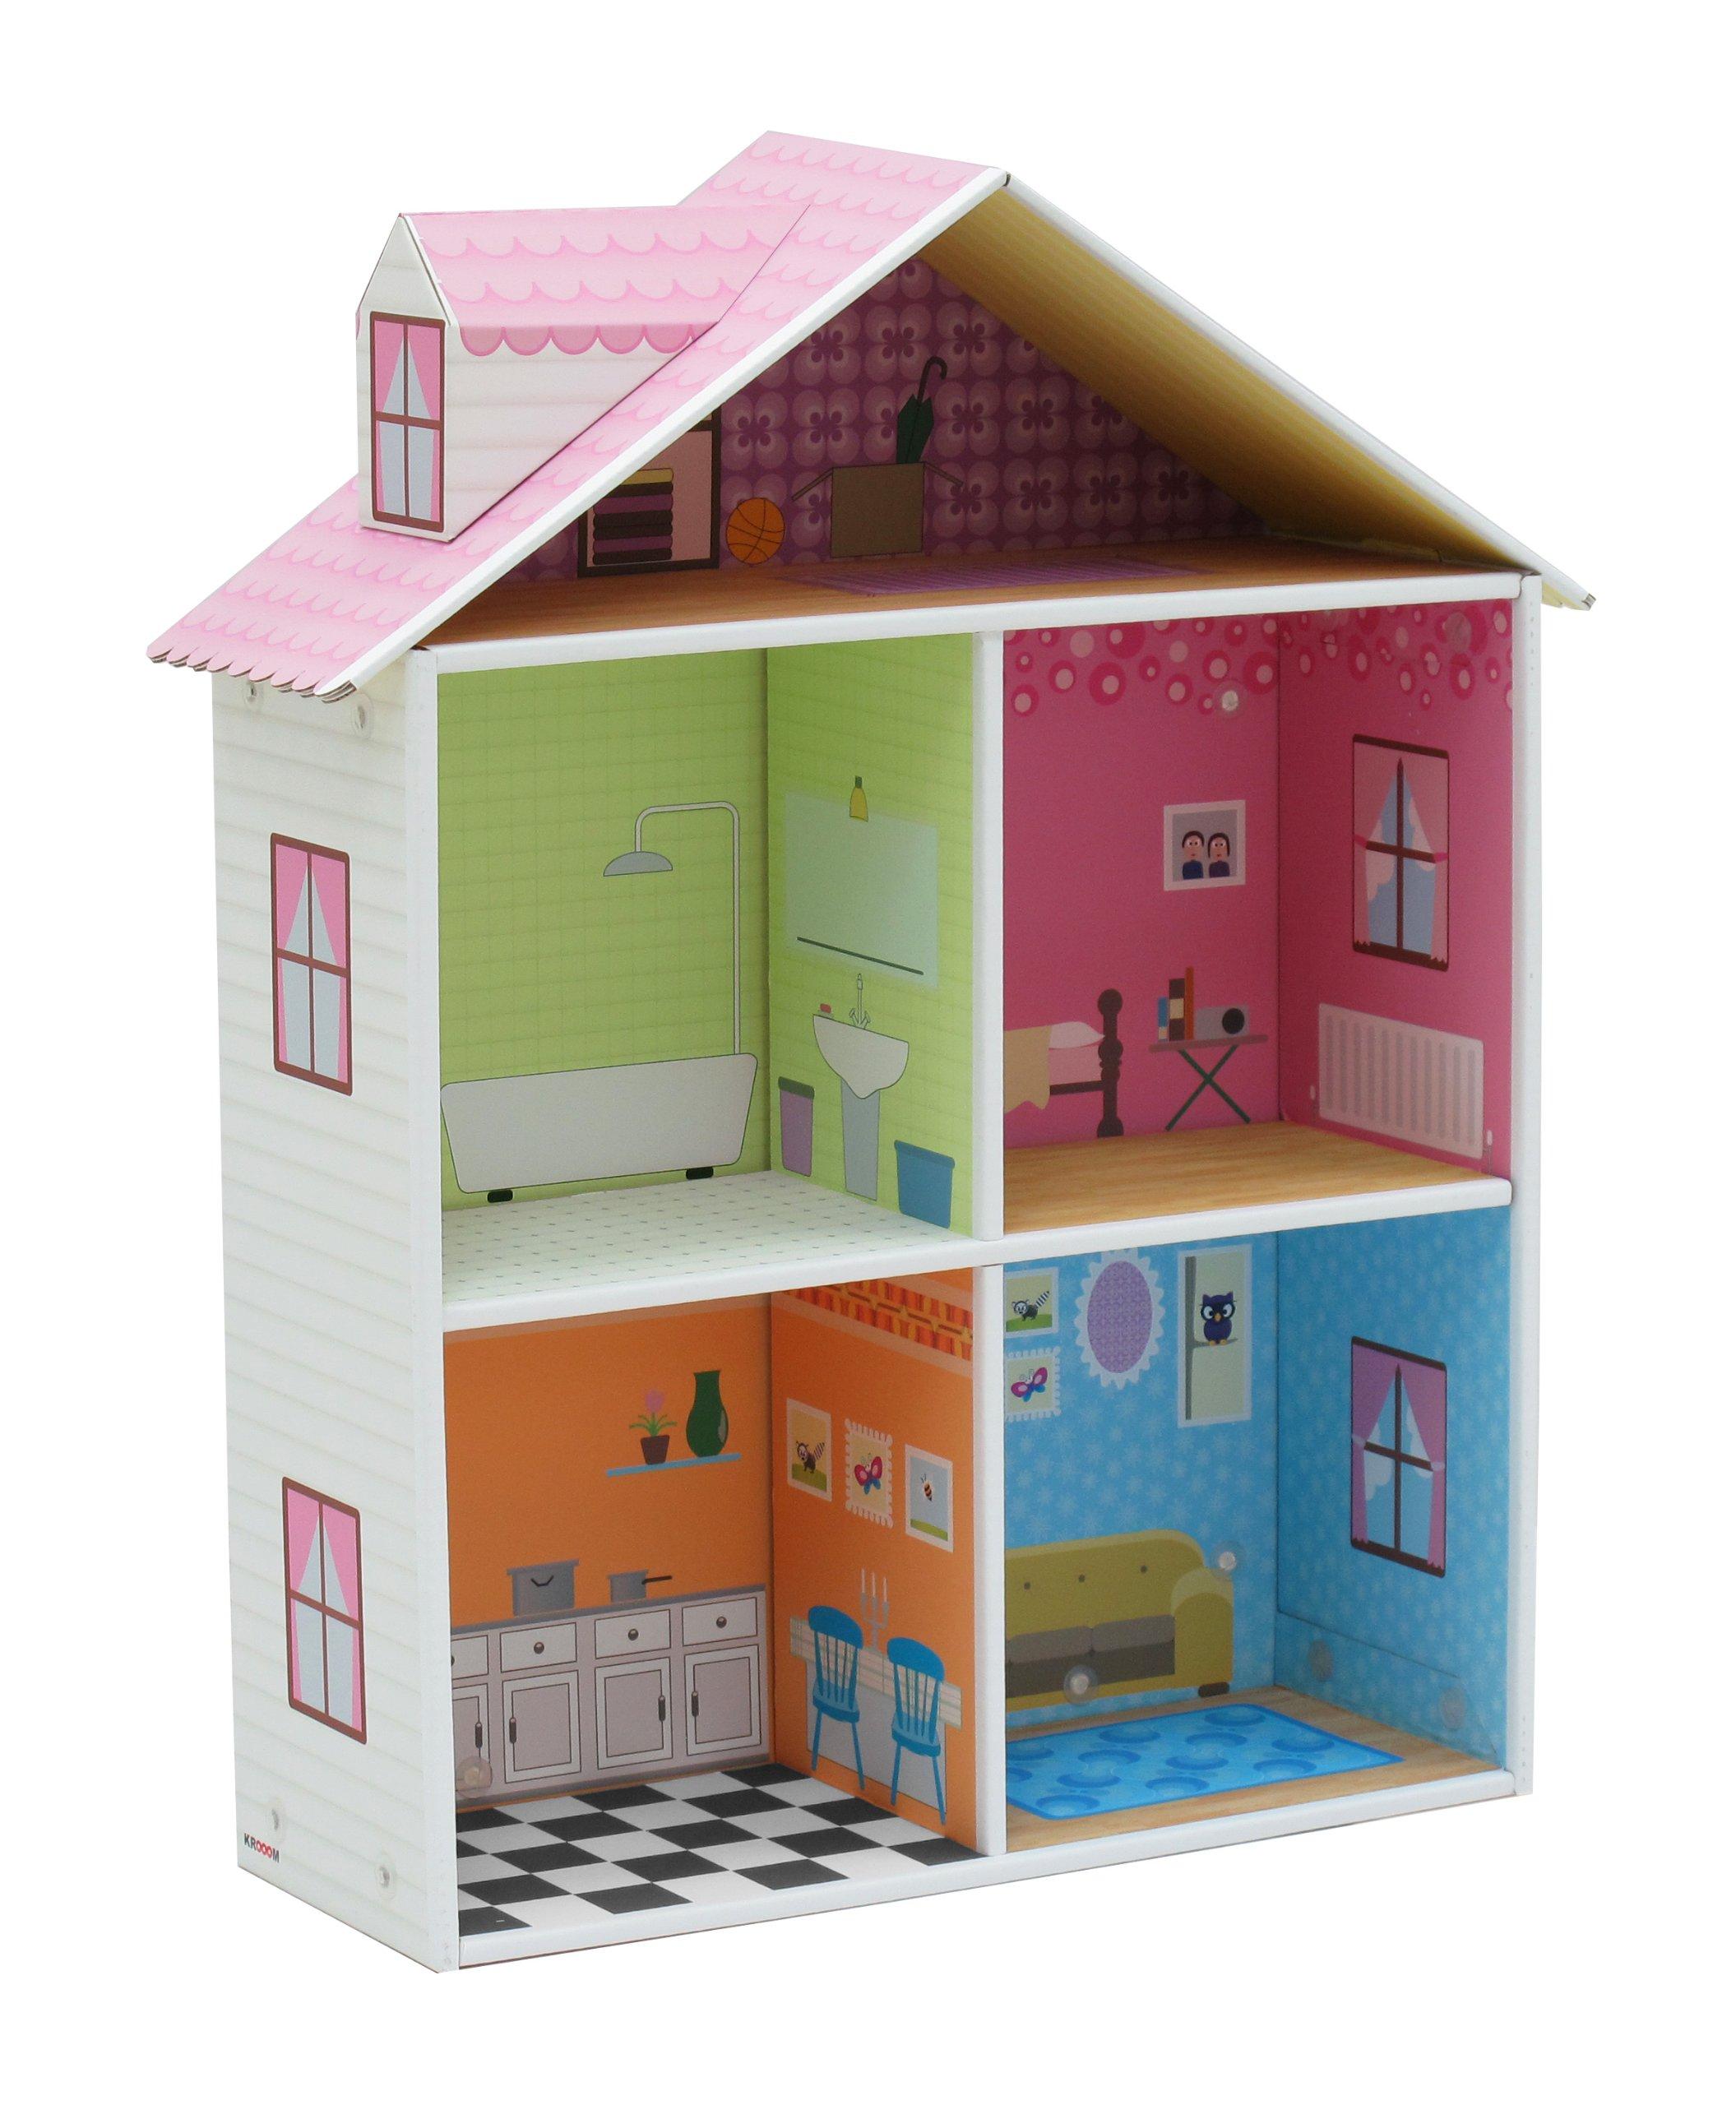 Krooom K 216 Mdh Melrose Doll House Buy Online In El Salvador At Elsalvador Desertcart Com Productid 14644790